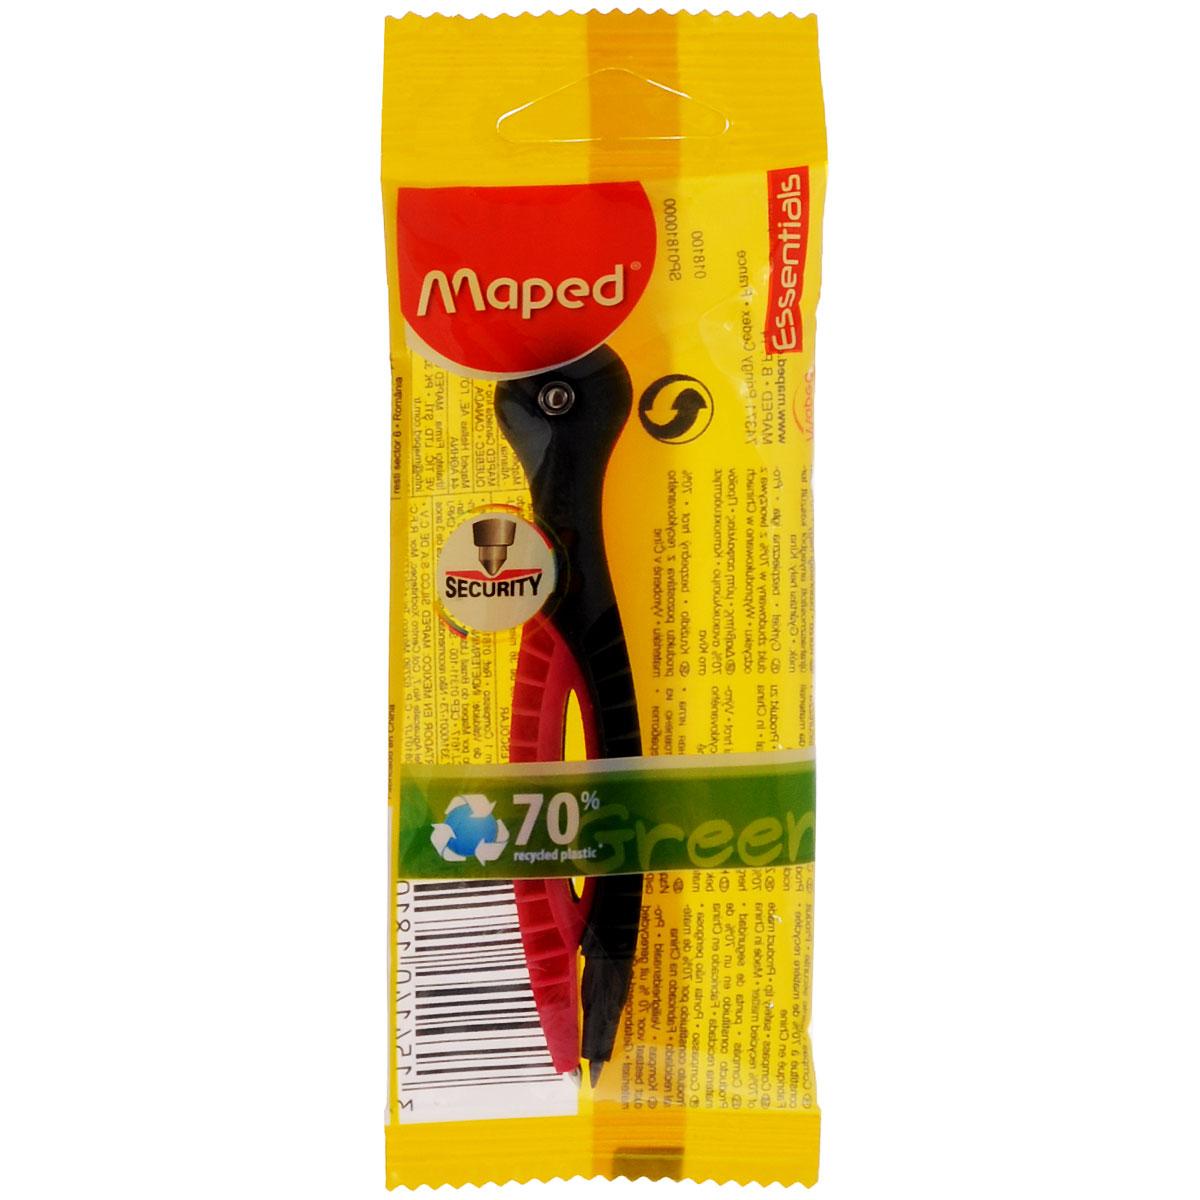 Циркуль пластиковый Maped Essentials с грифелем, цвет: черный, розовый канцелярия maped циркуль essentials